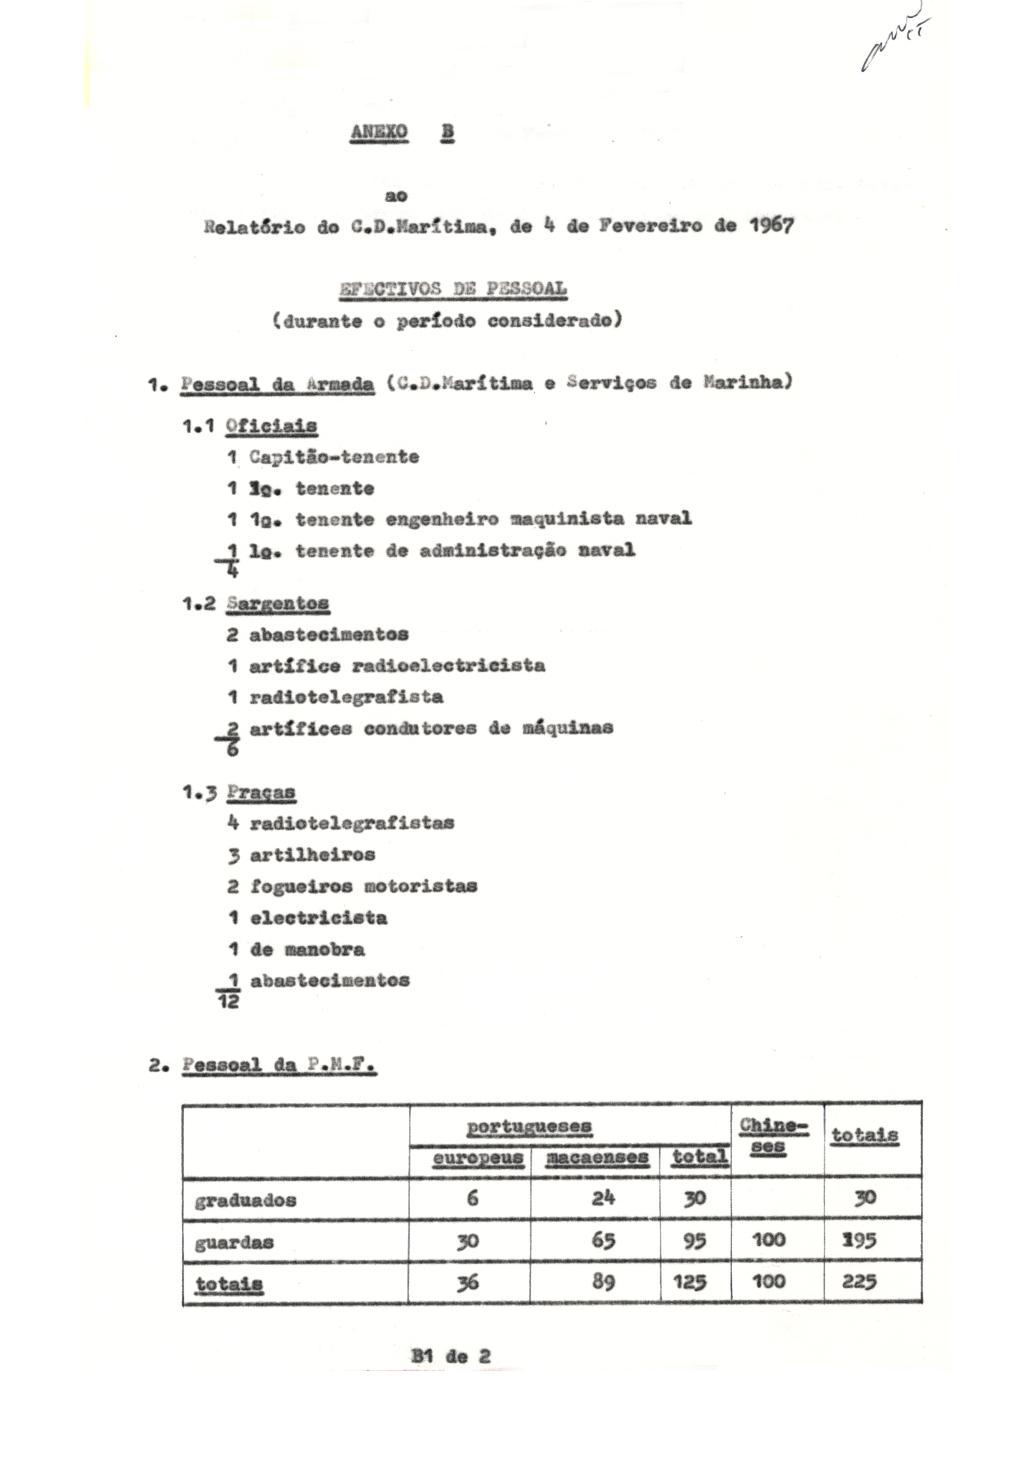 00495 967-02-04 os efectivos de pessoal de que dispuz para defesa - Anexo B do meu Relatório